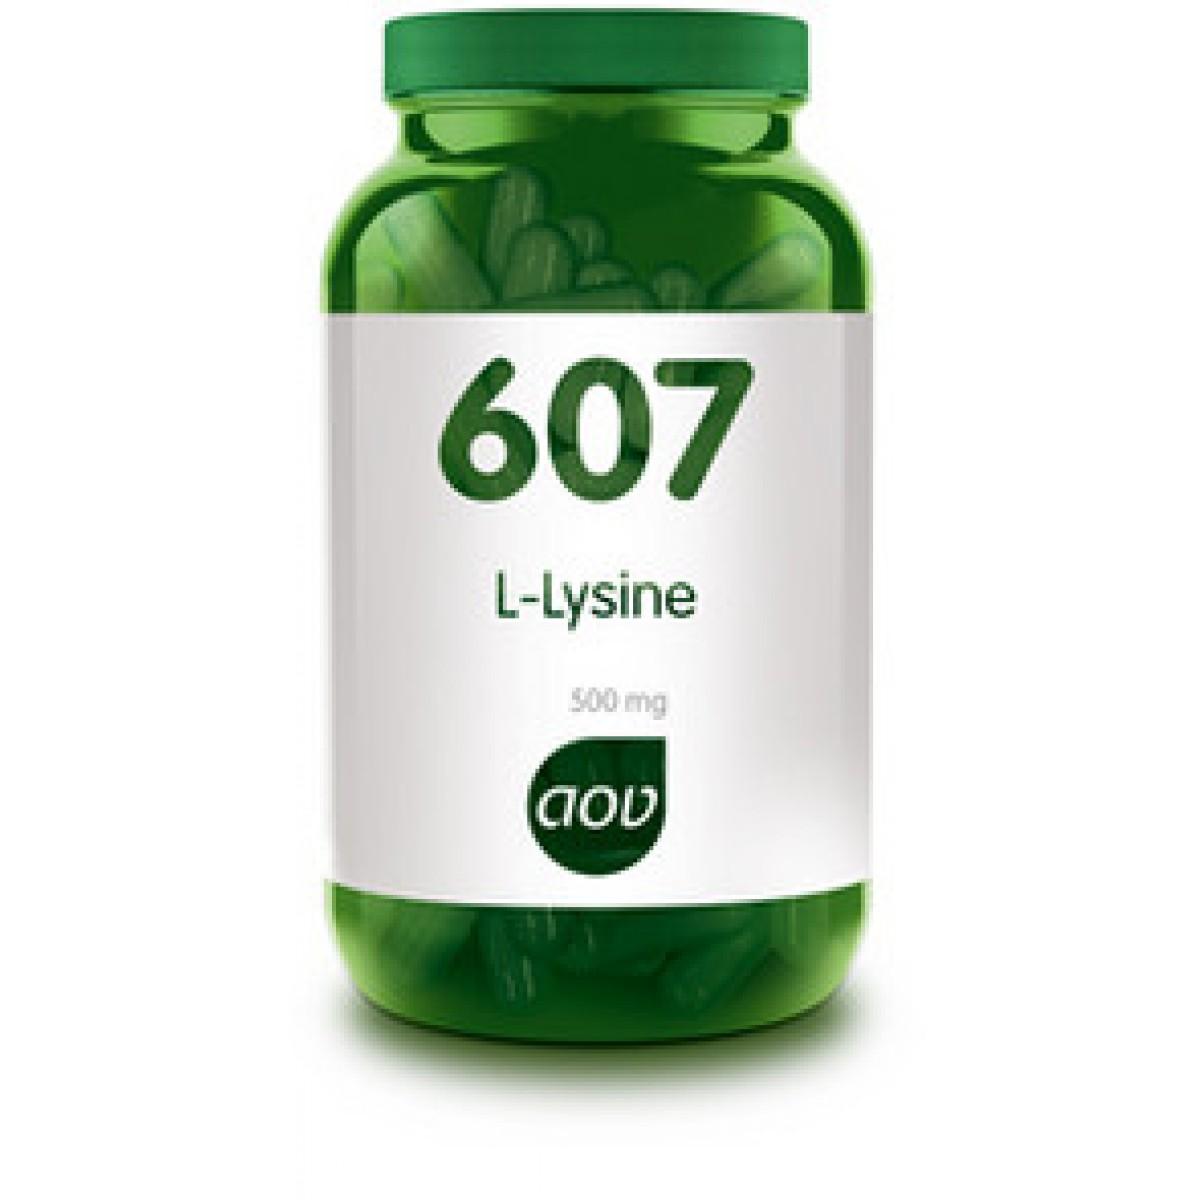 607 L-Lysine